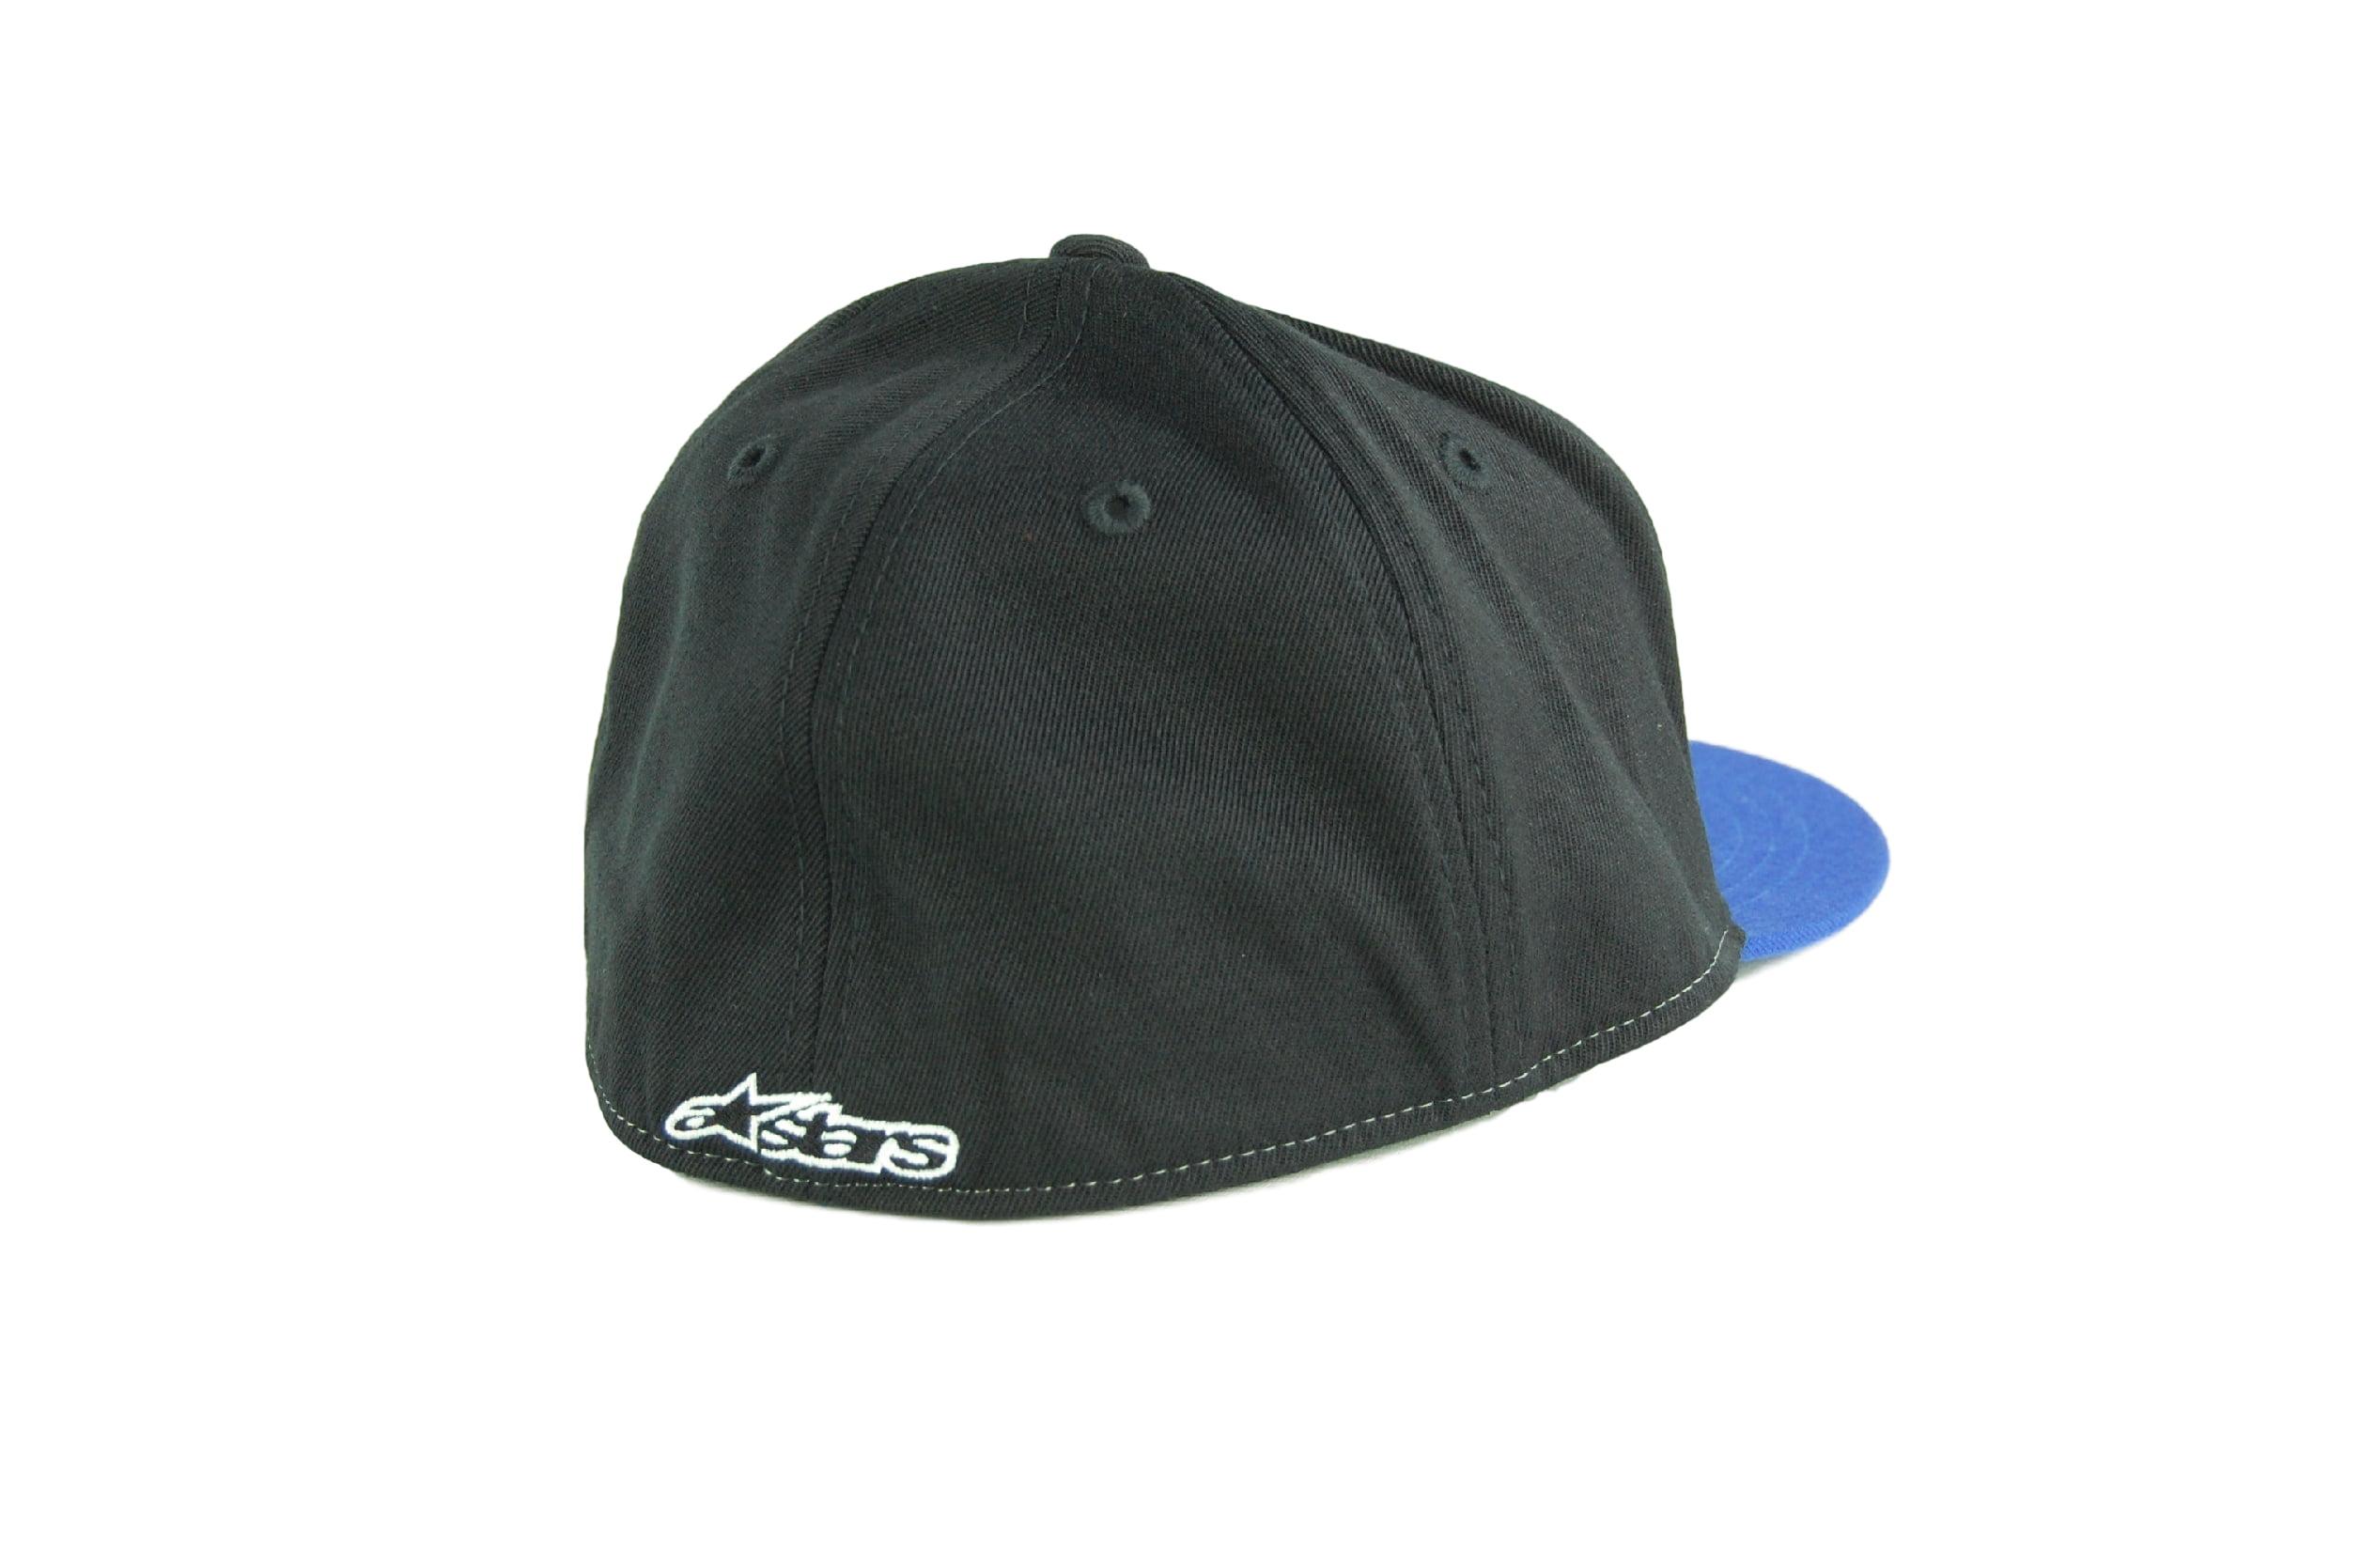 015881c0ead Alpinestars - Alpinestars Mens BIGGER 210 FlexFit Hat Motocross Baseball Cap